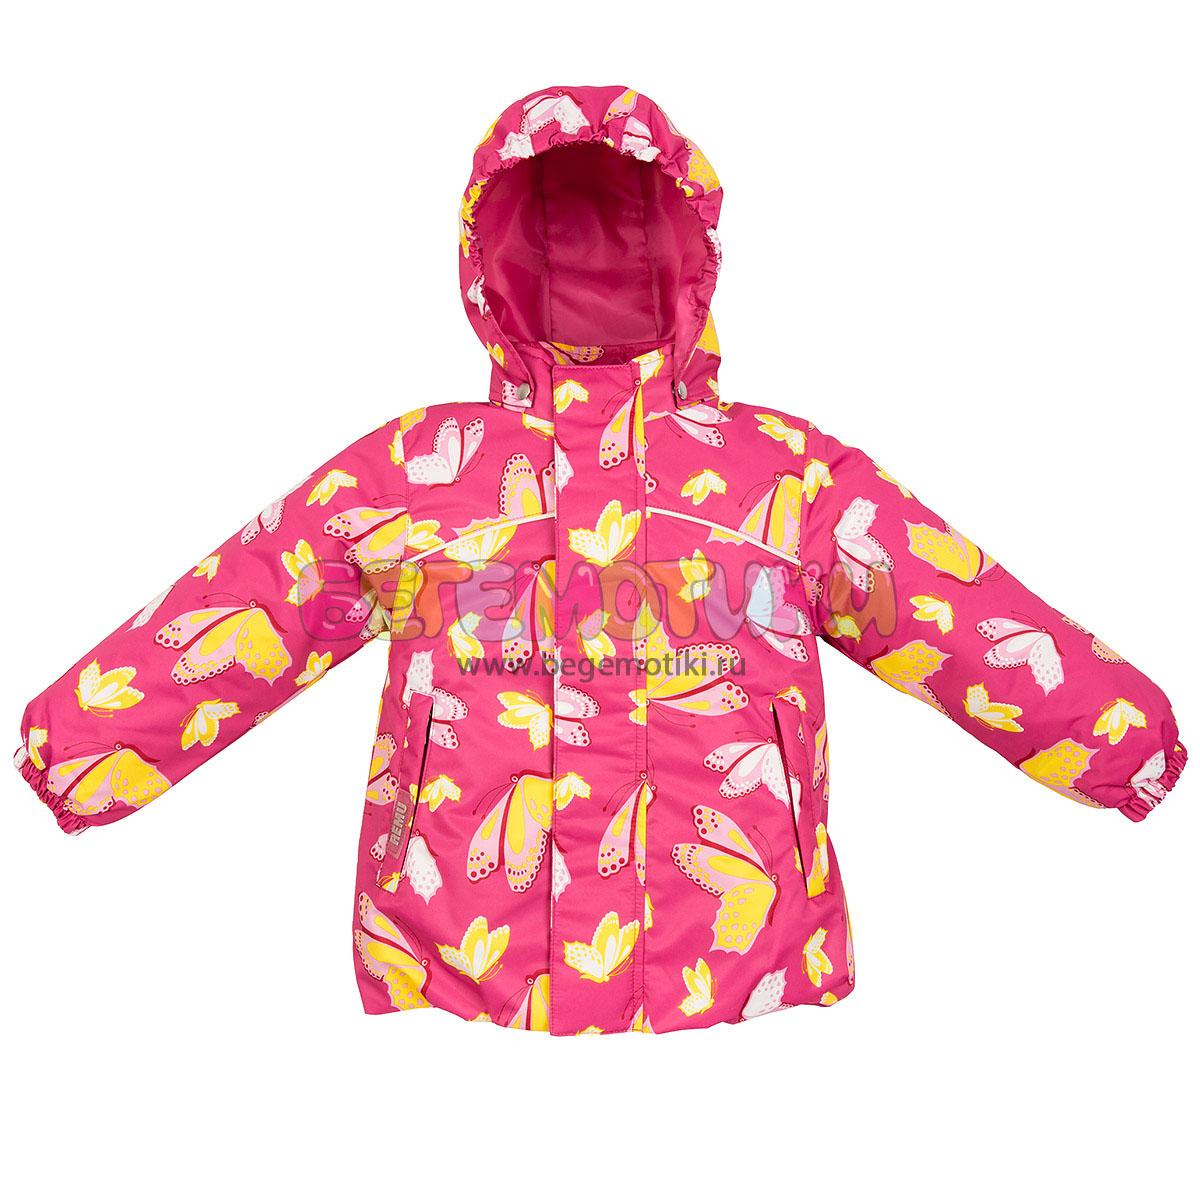 Куртка для девочки REMU, Travalle арт.9333-440